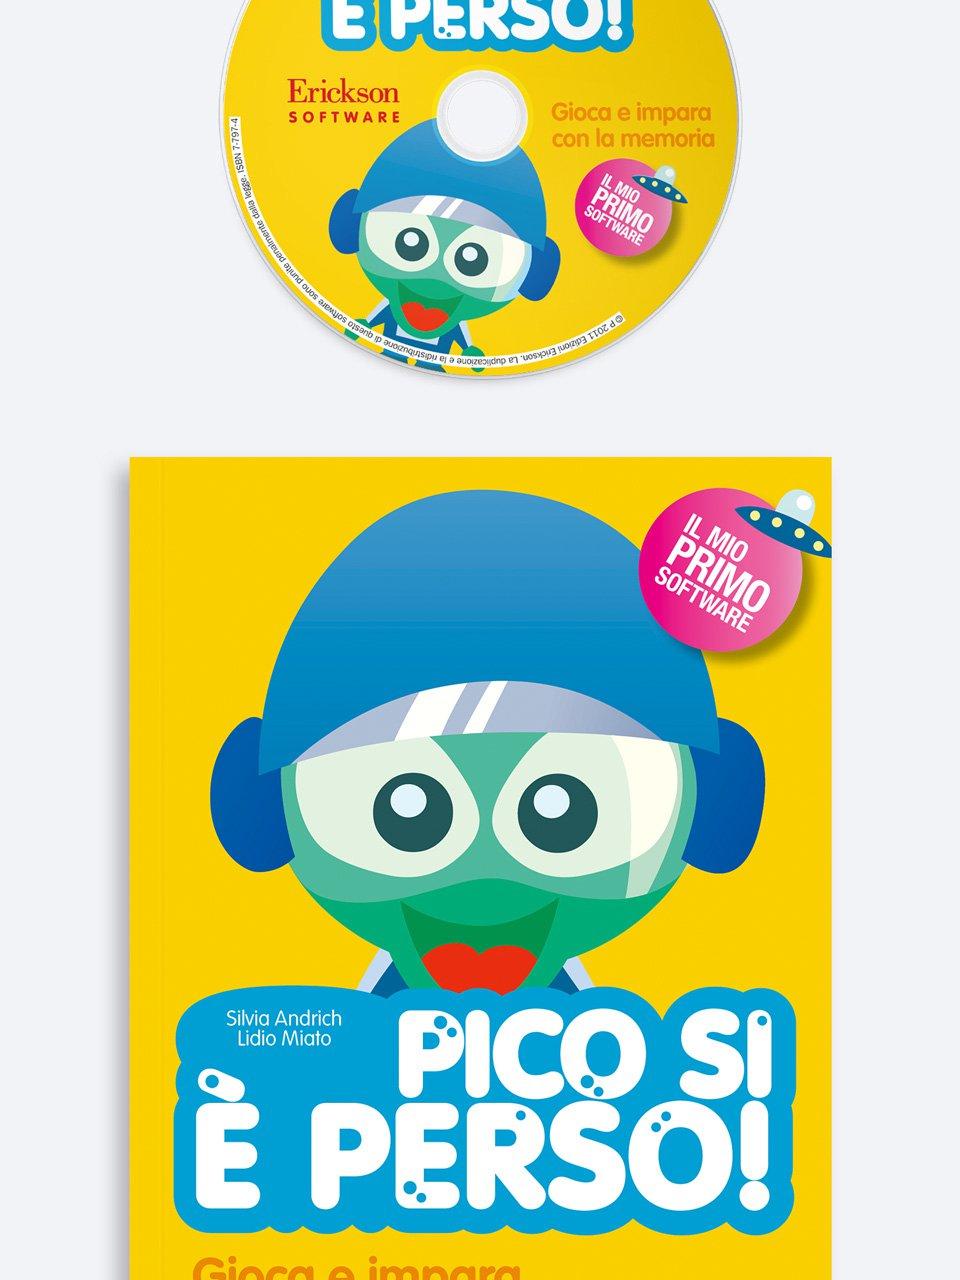 Pico si è perso! - App e software per Scuola, Autismo, Dislessia e DSA - Erickson